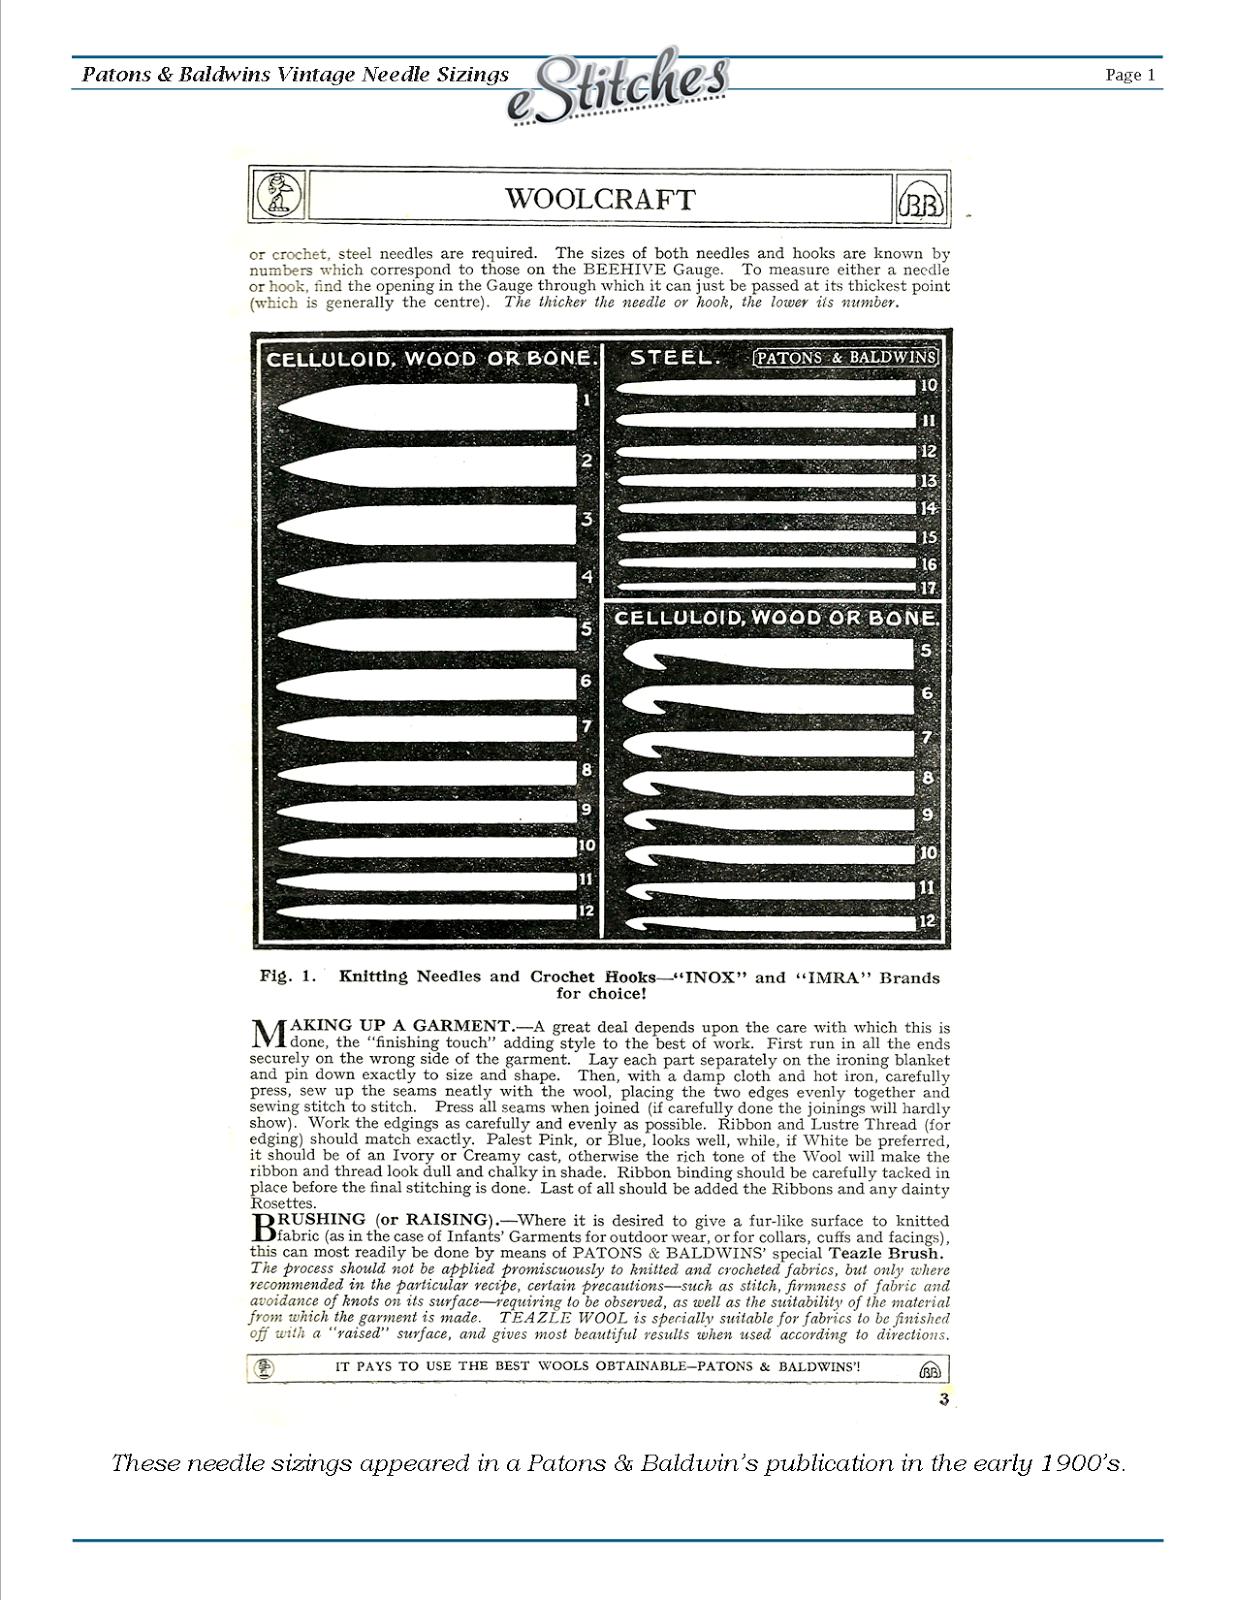 Knitting Needle Size Chart Pdf : Estitched vintage needle sizes charts